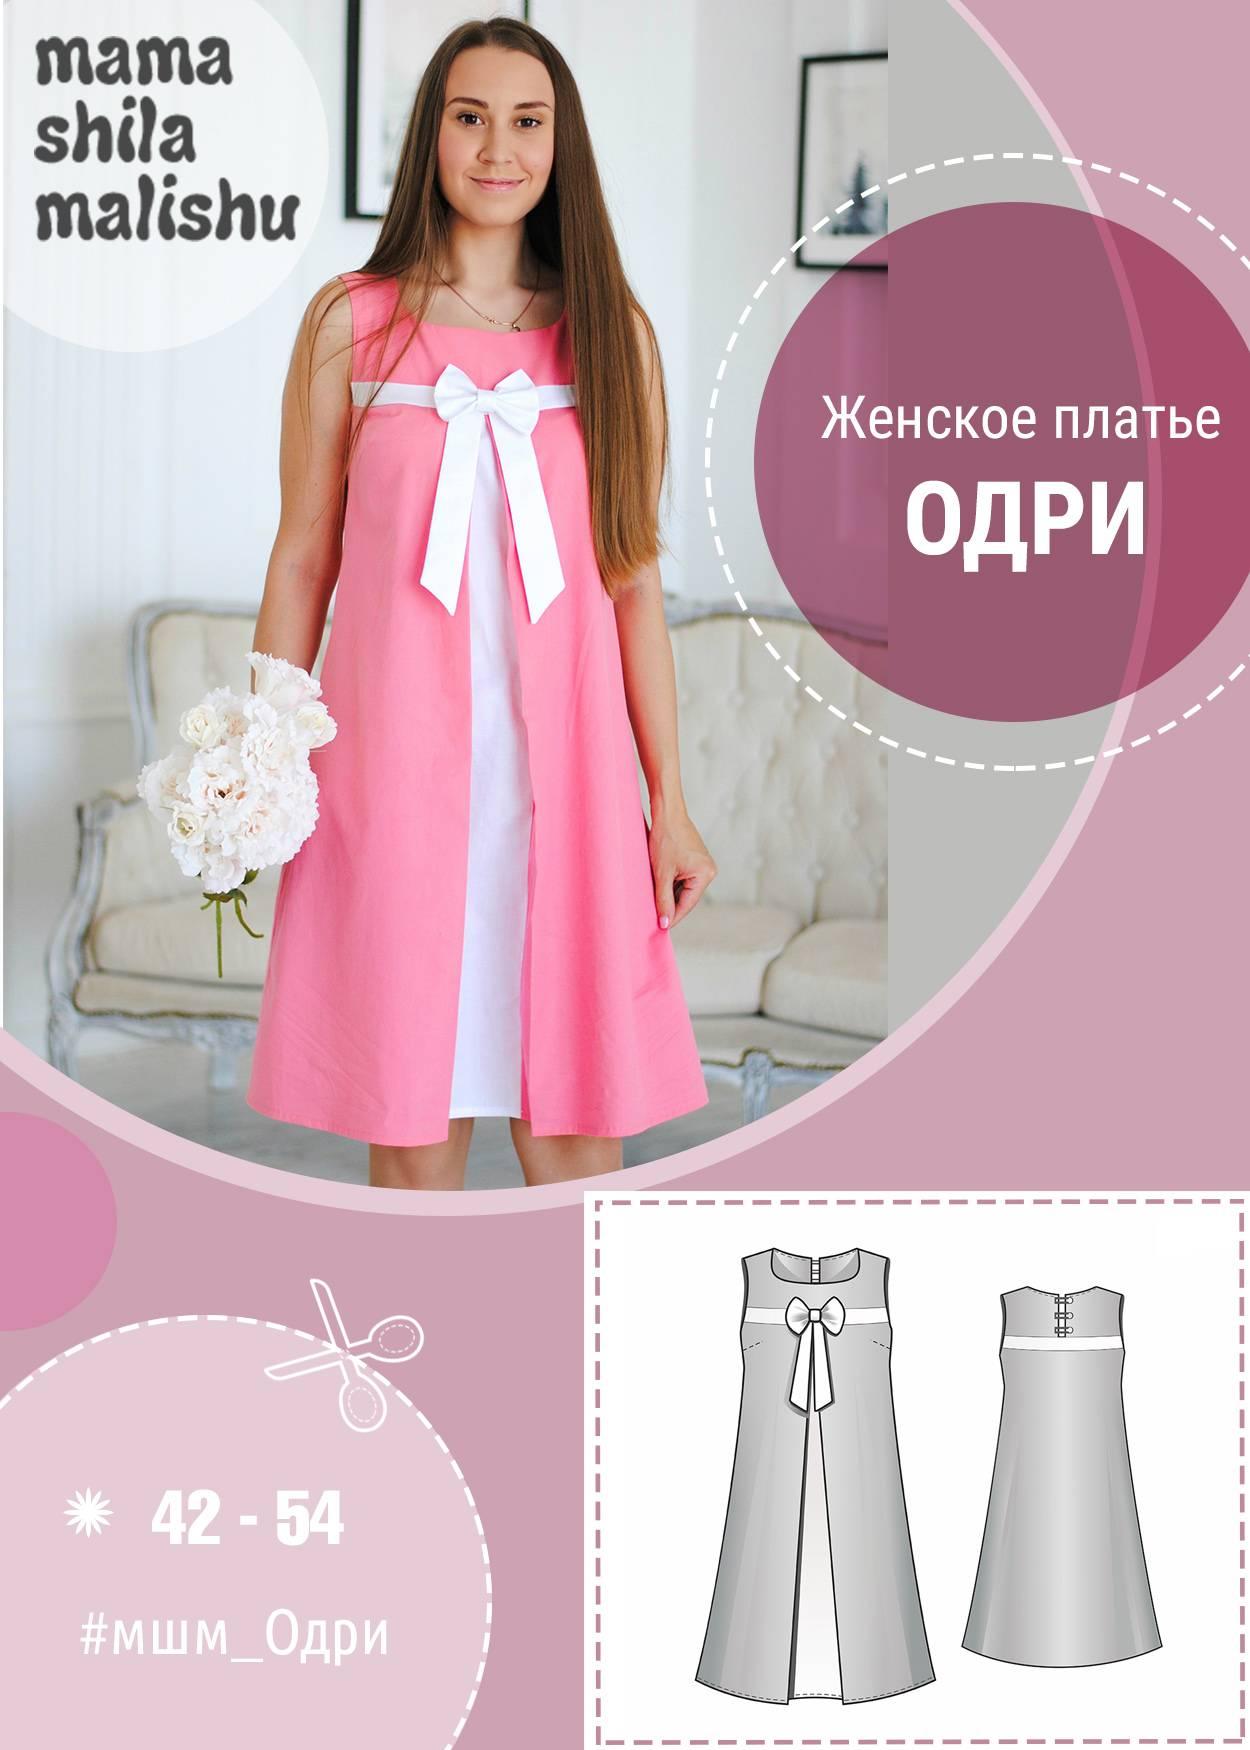 Женское платье Одри